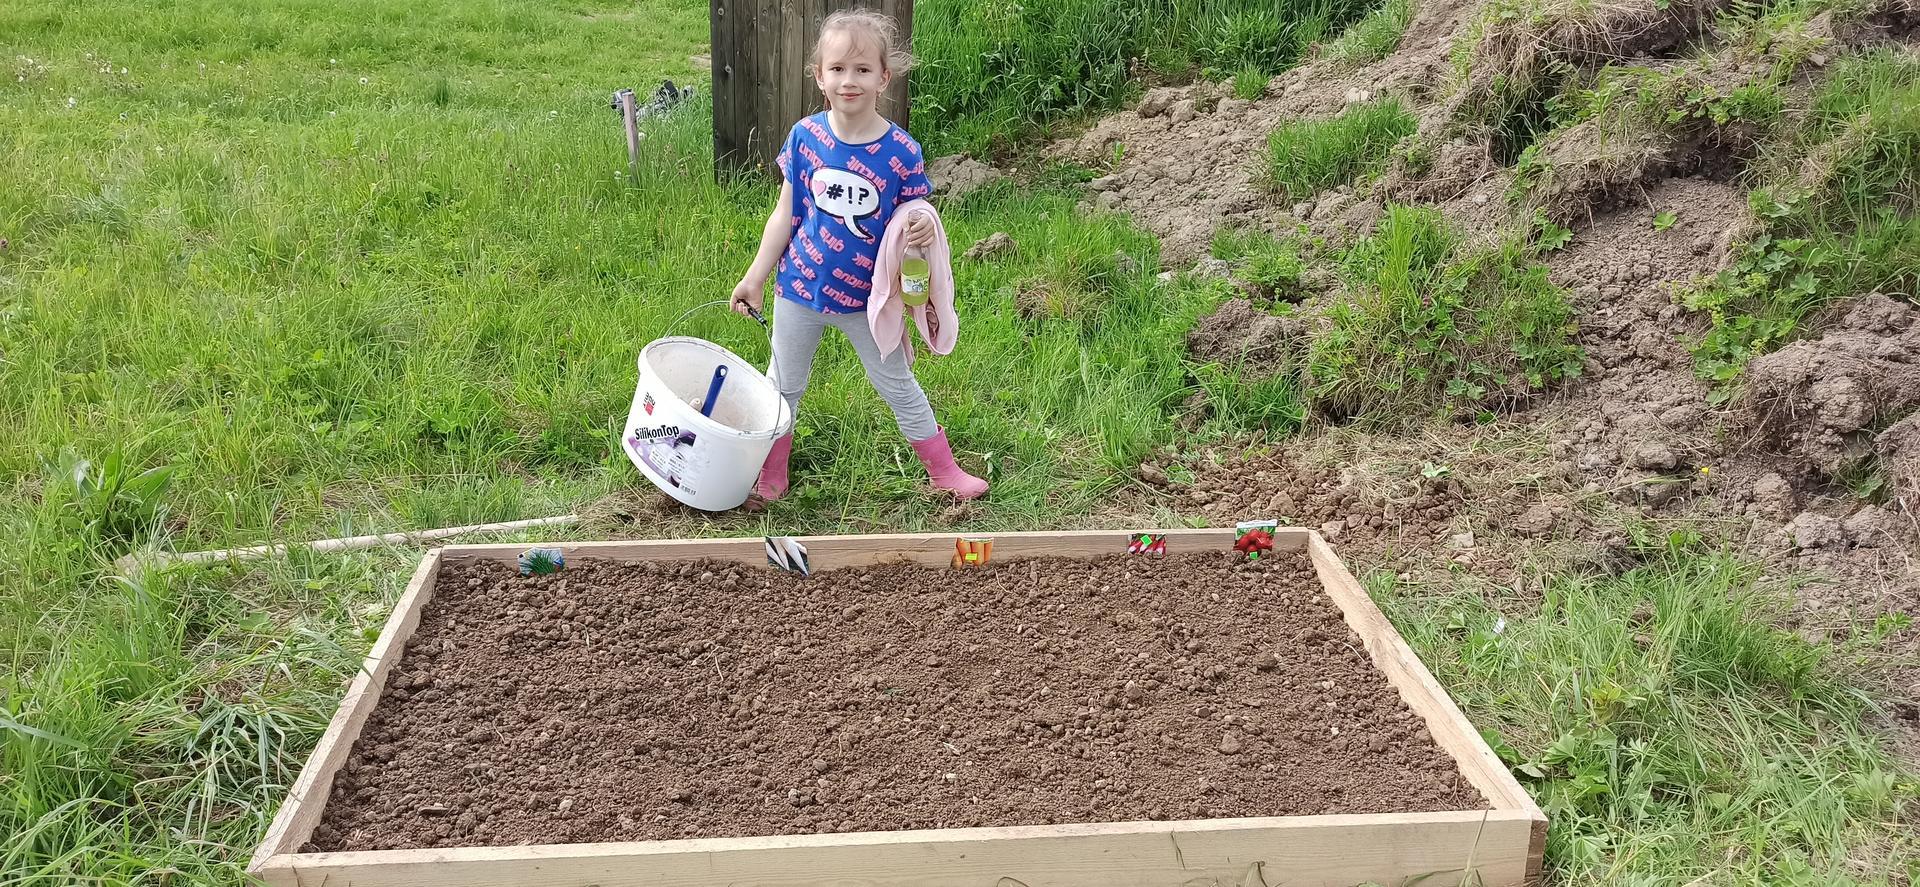 Náš domček ❤️🏡 - Naša prvá záhradka na pozemku - mrkva, petržlen, reďkovka, pažítka. Tešíme sa na úrodu, dúfajme že niečo vyjde :)